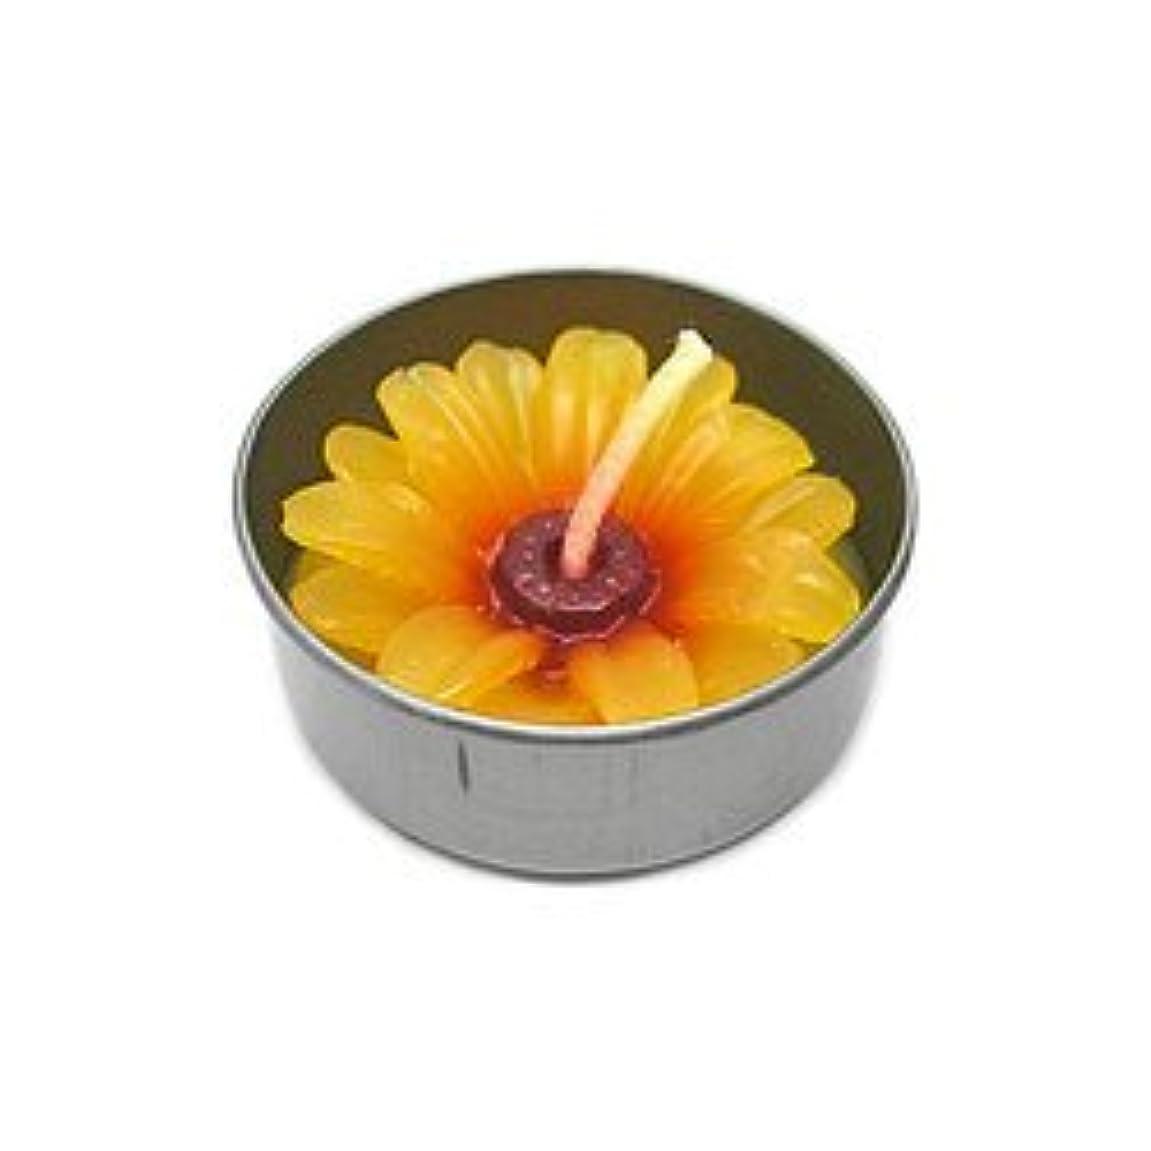 調整する感心する百科事典アロマキャンドル  ミニ お花 薄オレンジ 鉄の器入り 器直径4cm アジアン雑貨